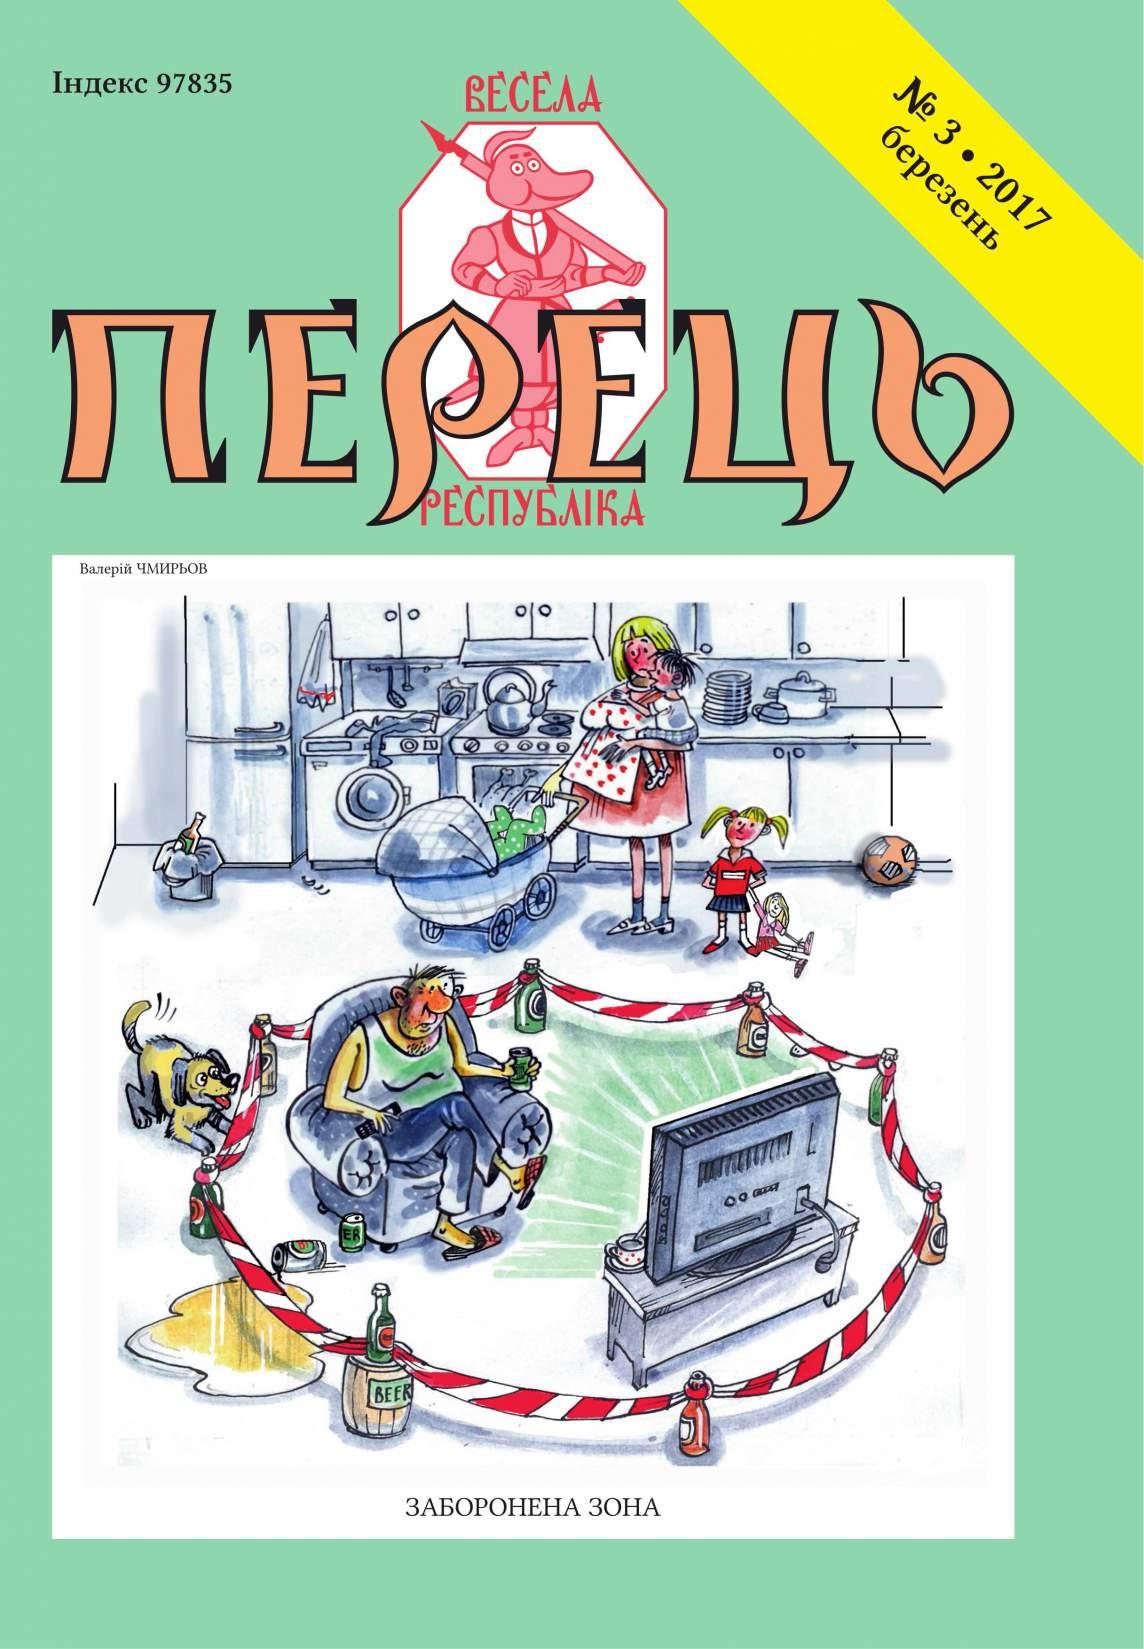 Журнал перець 2017 №03